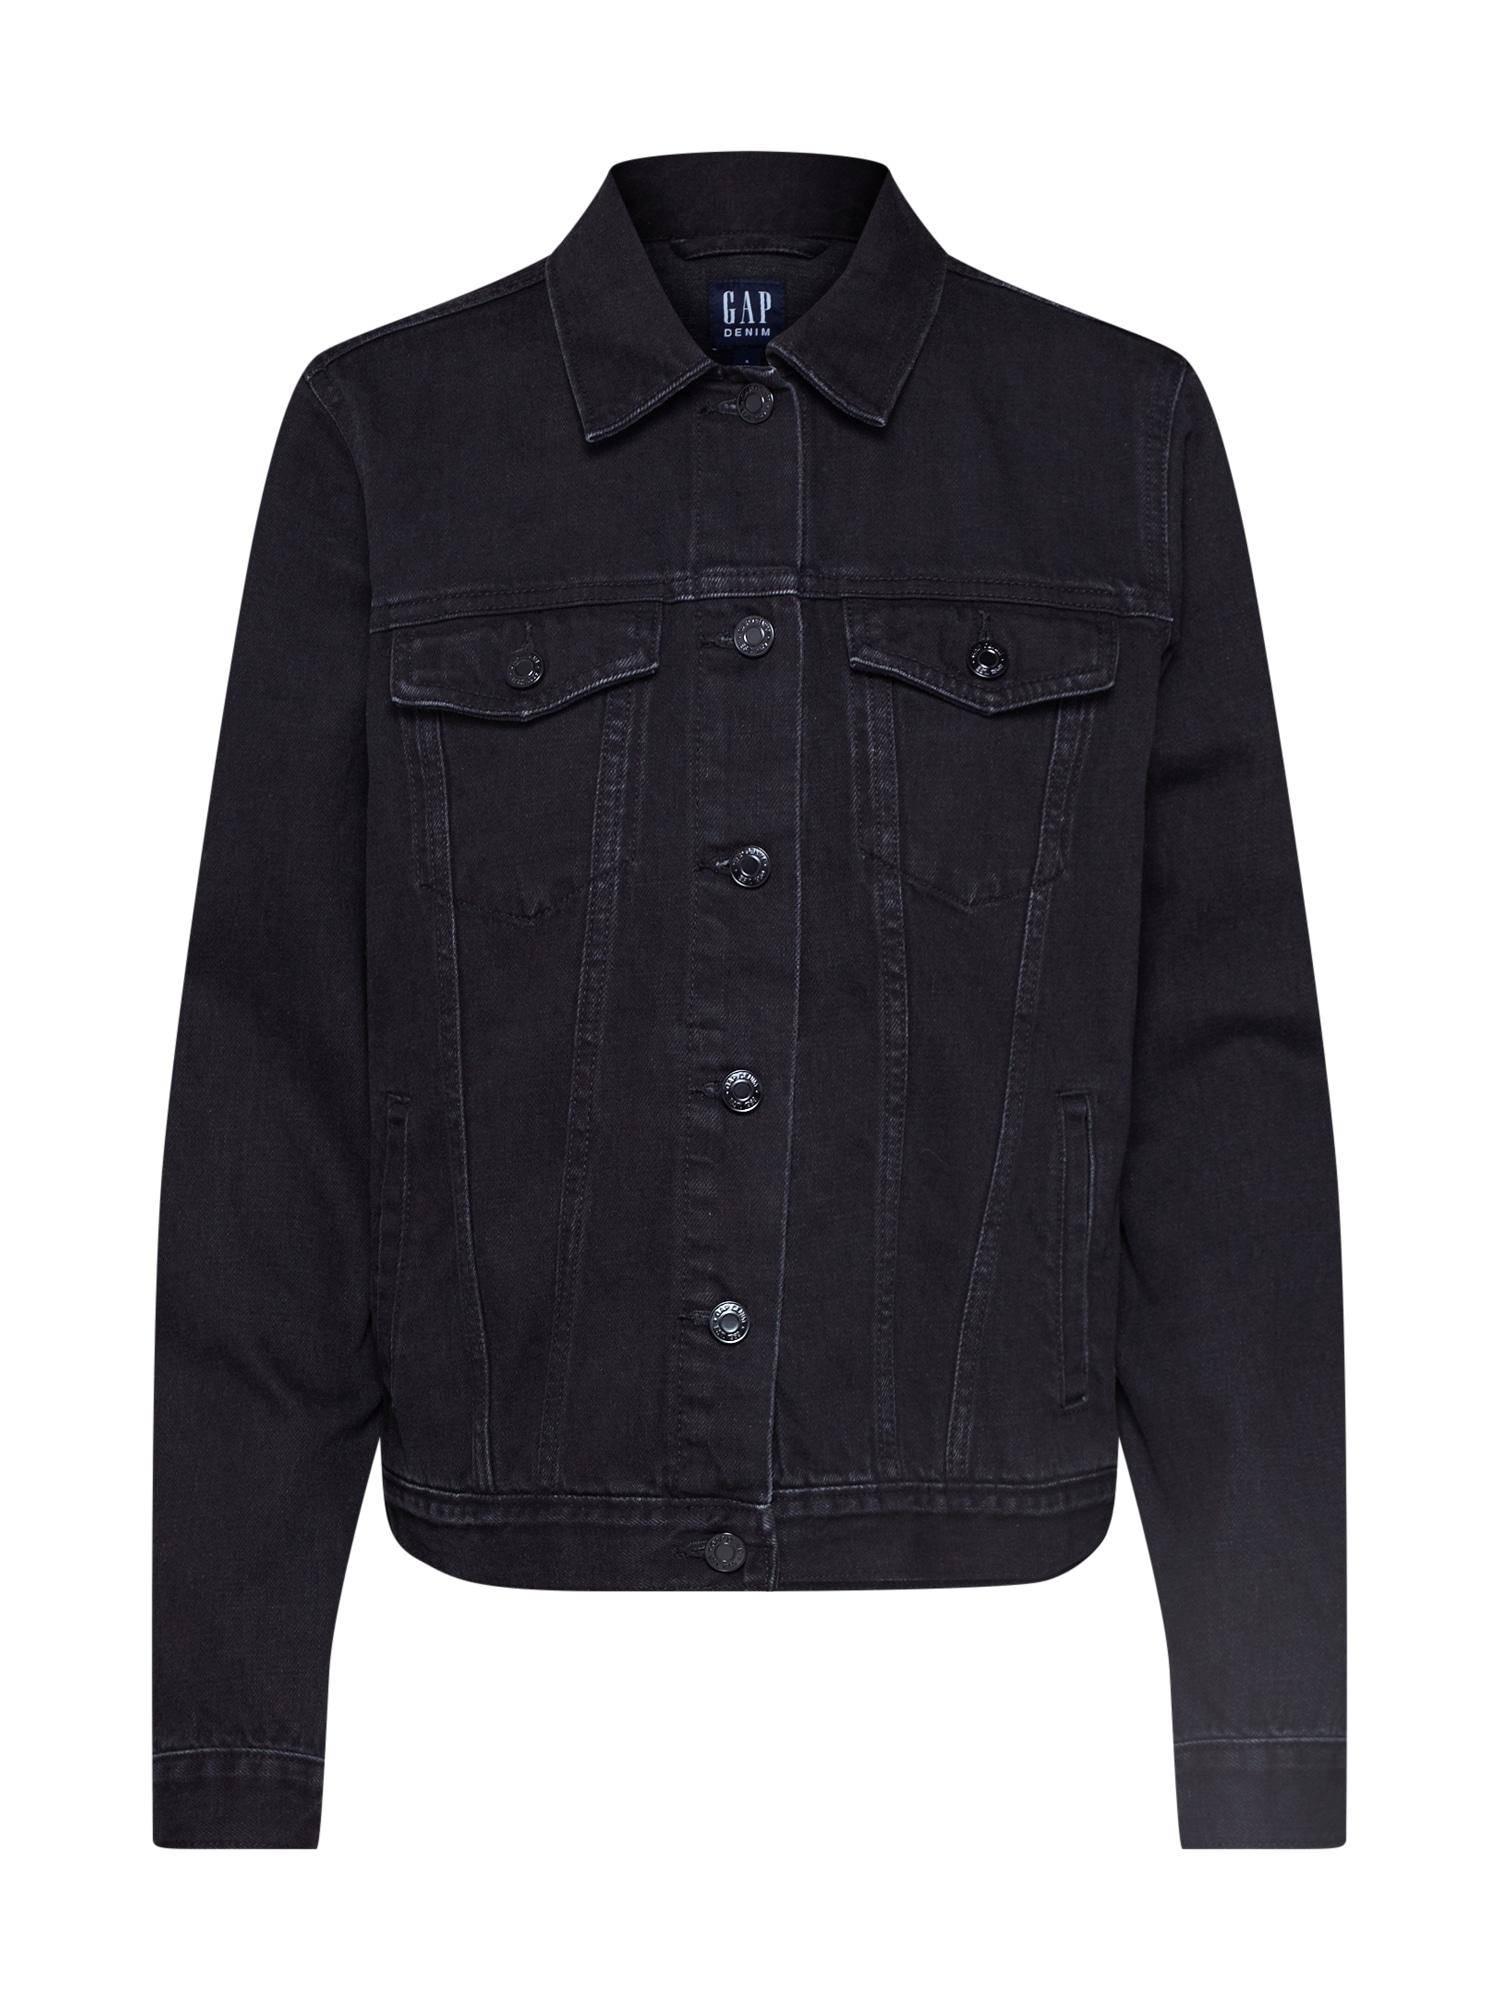 Přechodná bunda ICON JKT - WASHED BLACK černá džínovina GAP